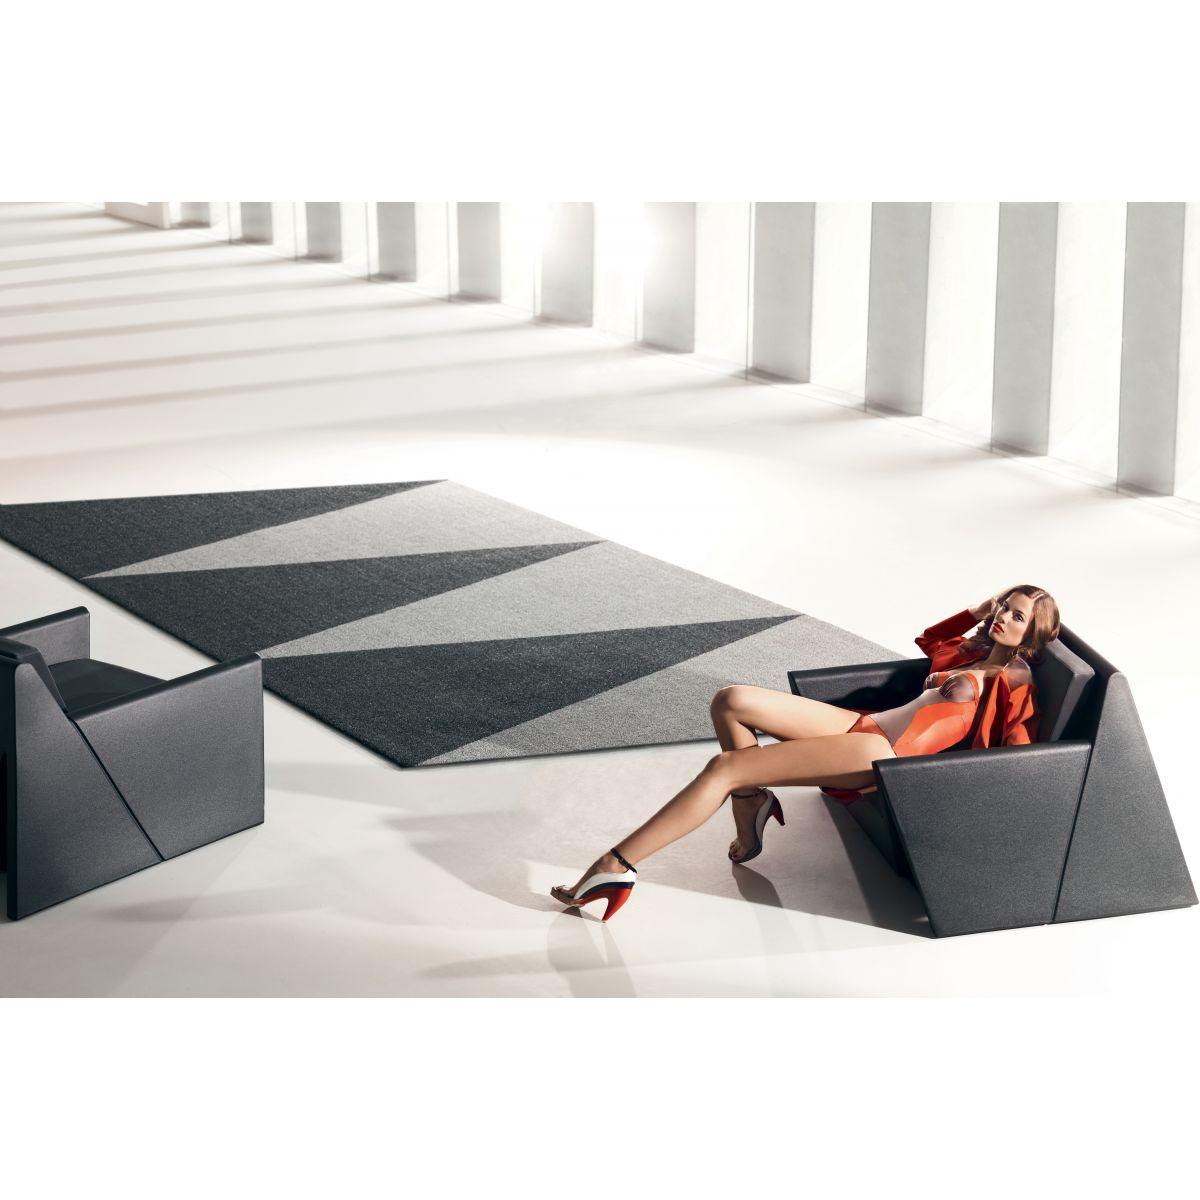 Tapis contemporain design interieur exterieur overlap for Objet deco design exterieur